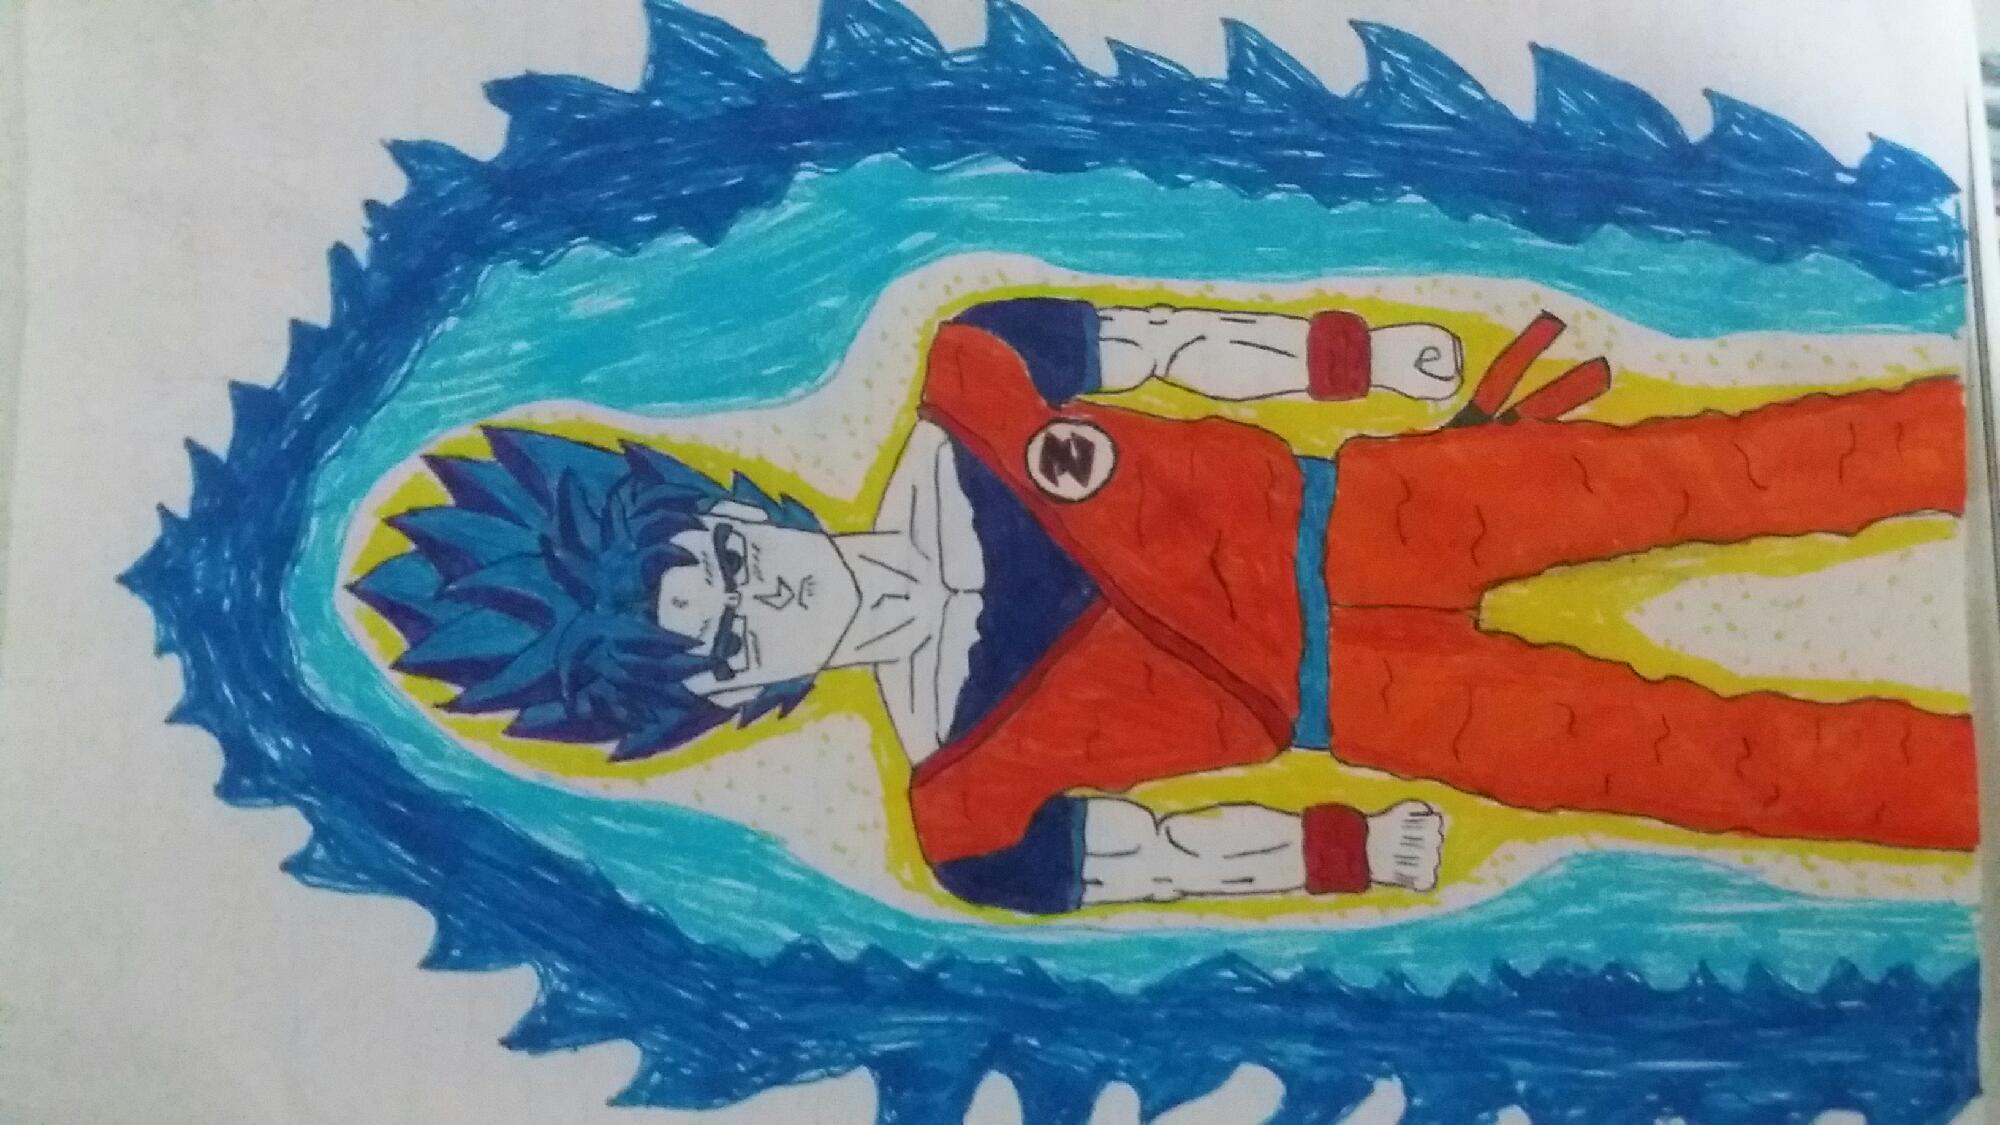 Goku super saiyajin blue full power